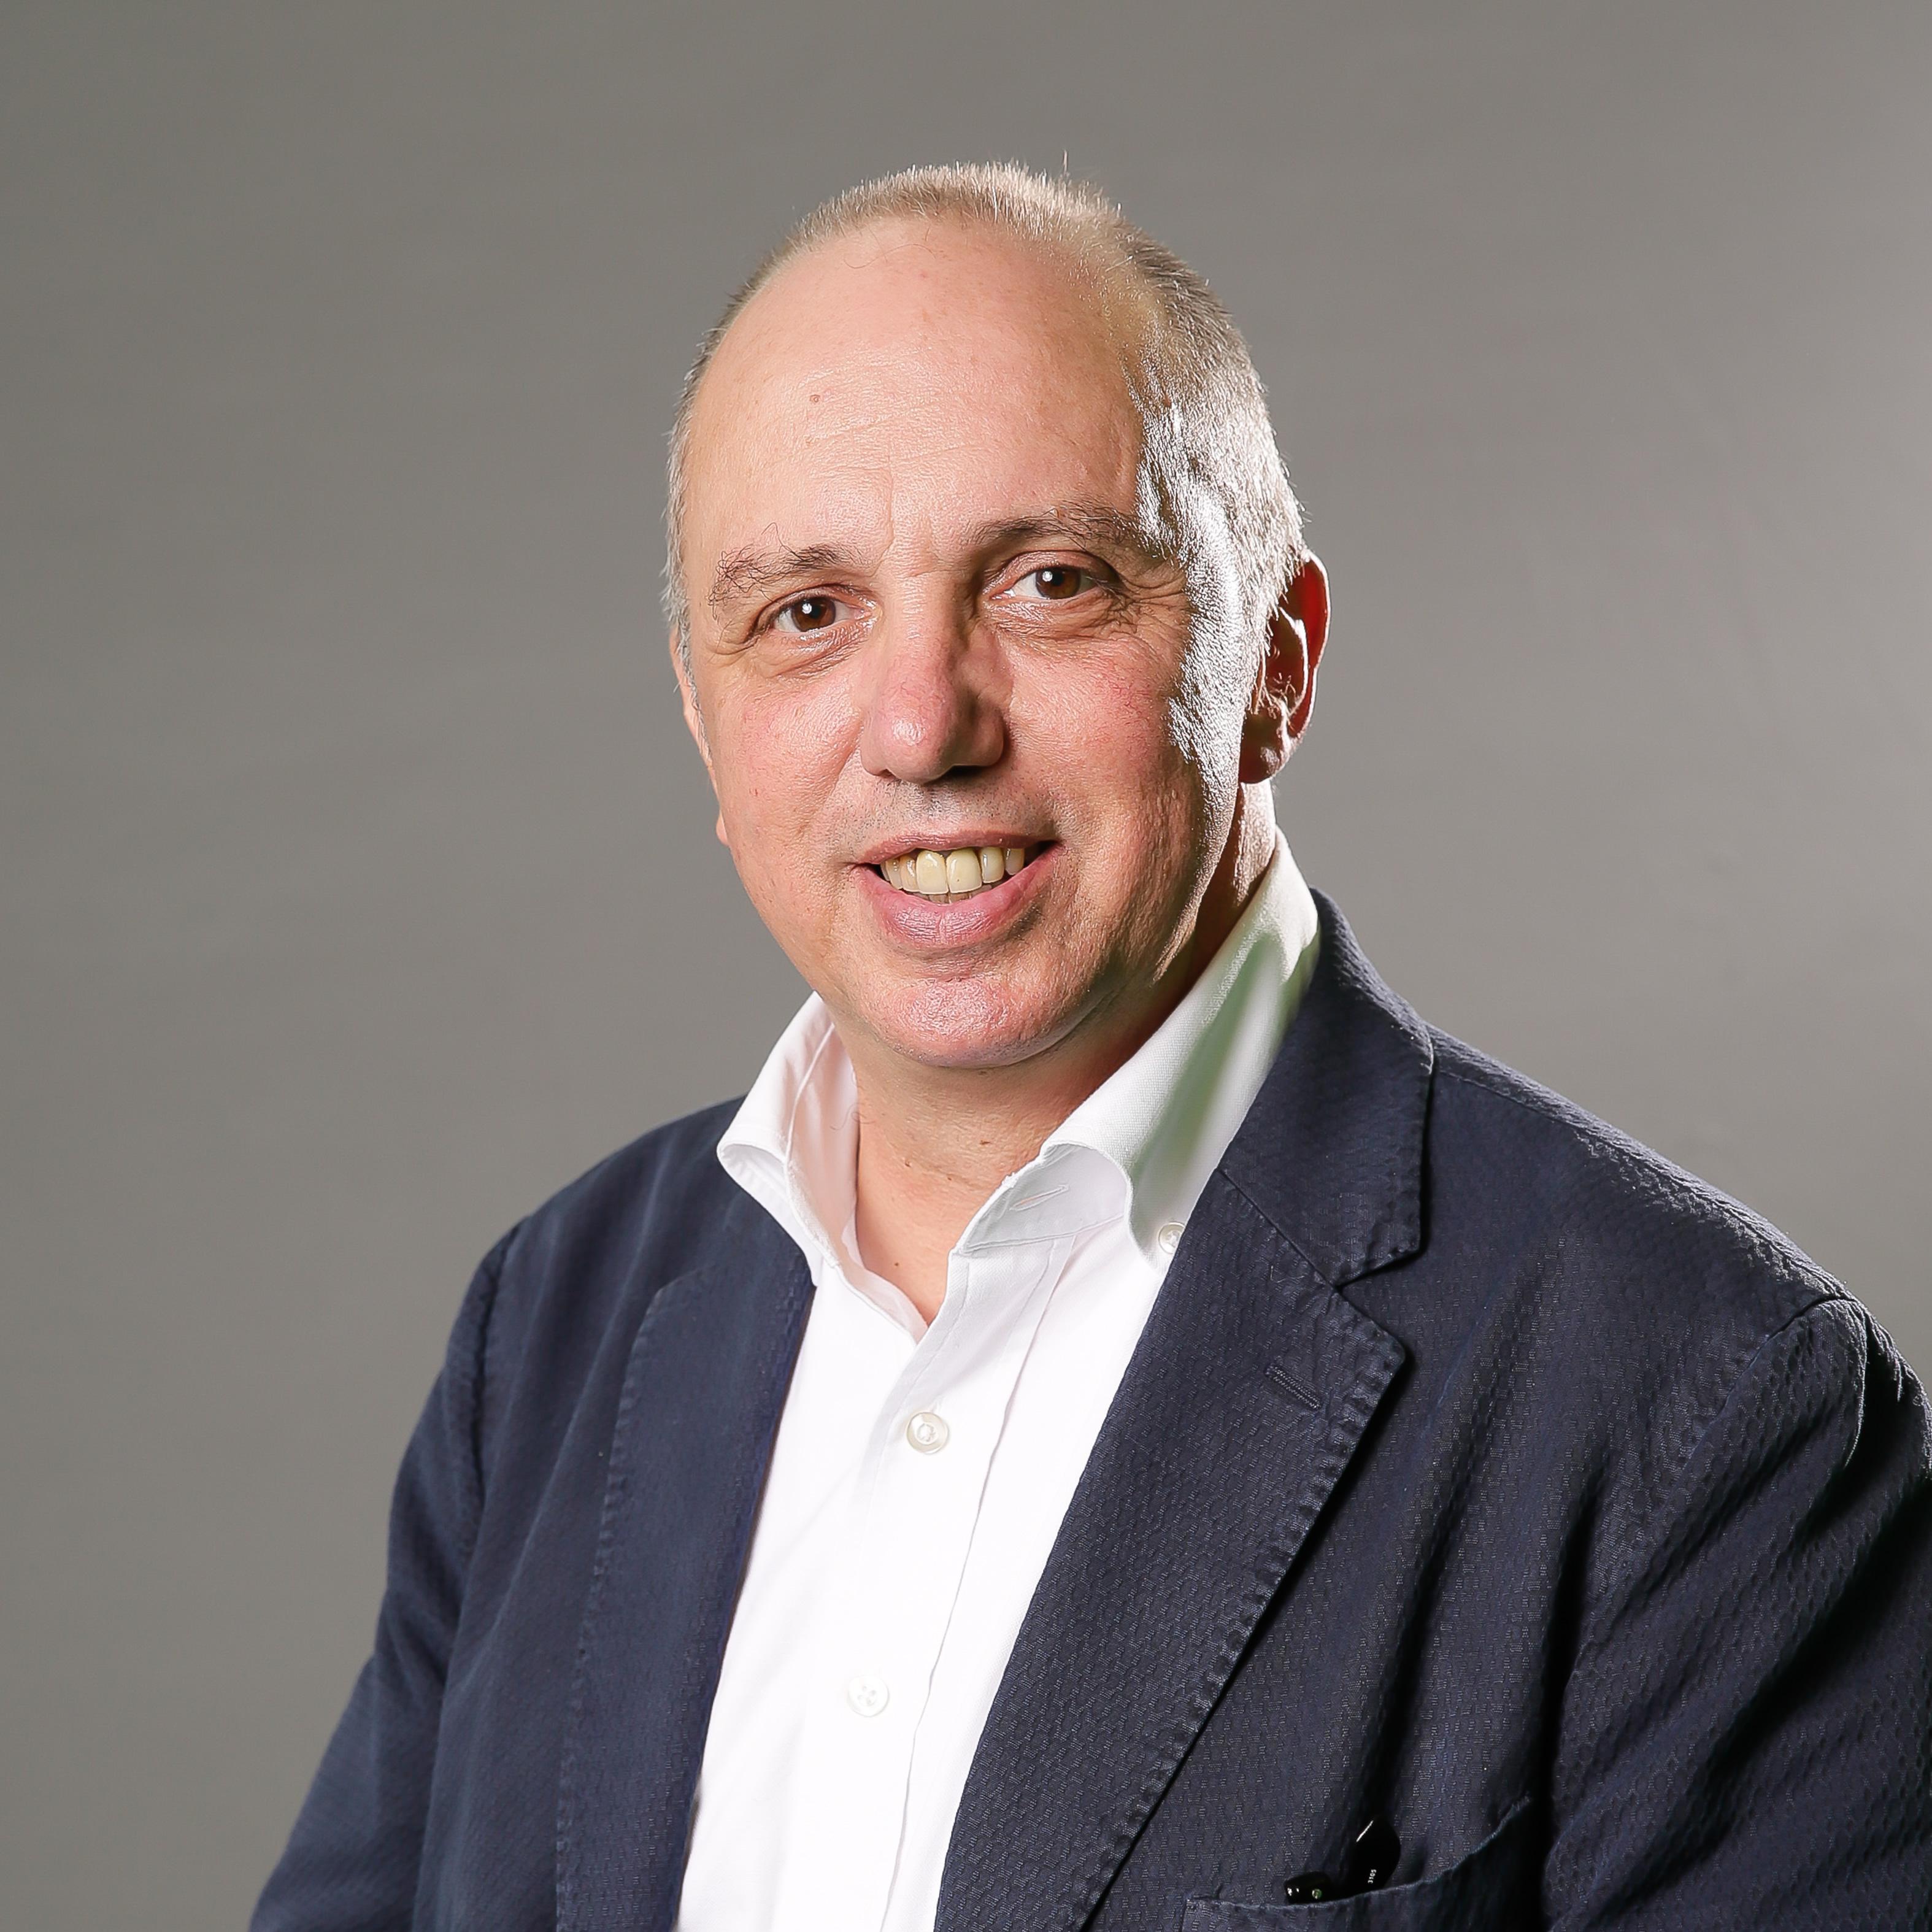 Jacques Rosselin - Directeur de l'école de journalisme EFJ